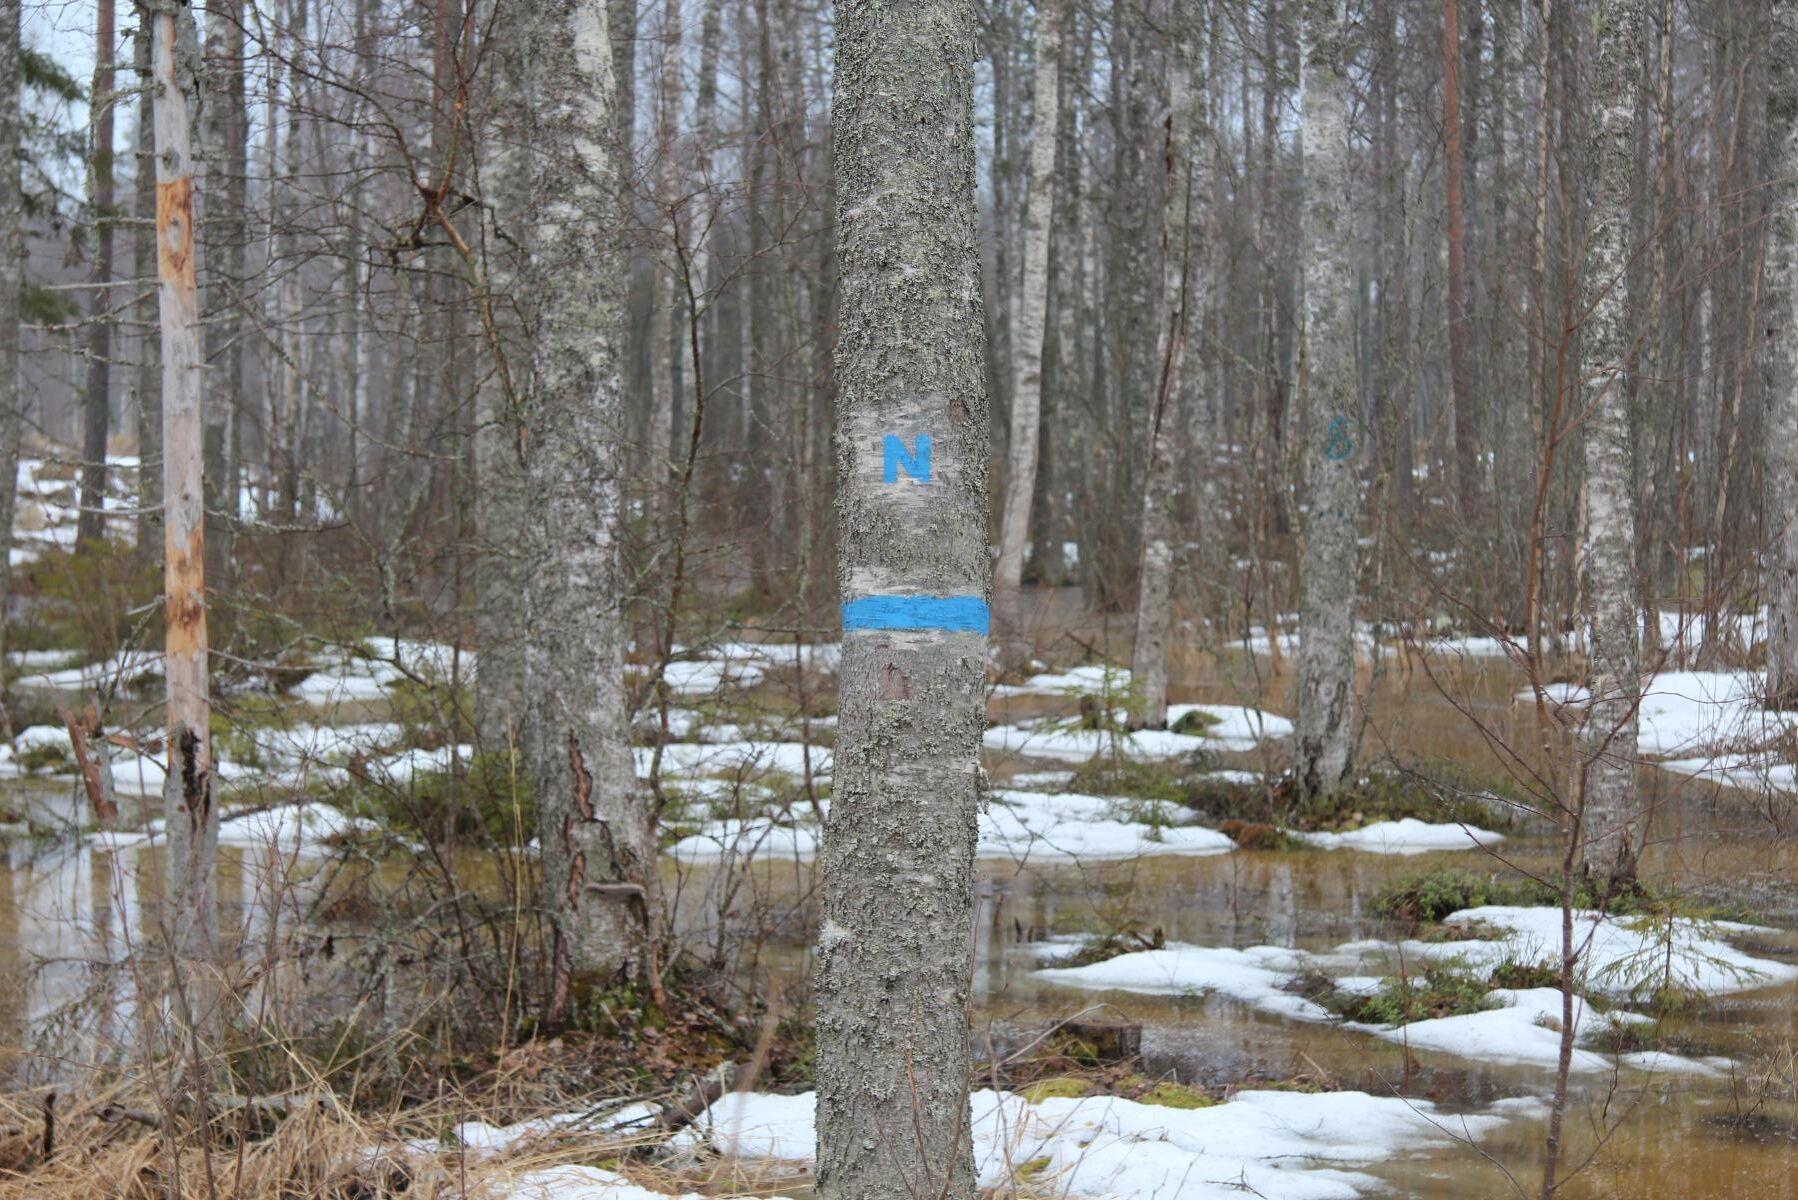 Om det var en högre andel naturvårdsavtal, och mindre reservat och biotopskydd, skulle statens kostnad för skydd av skog minska, resonerar Riksrevisionen.